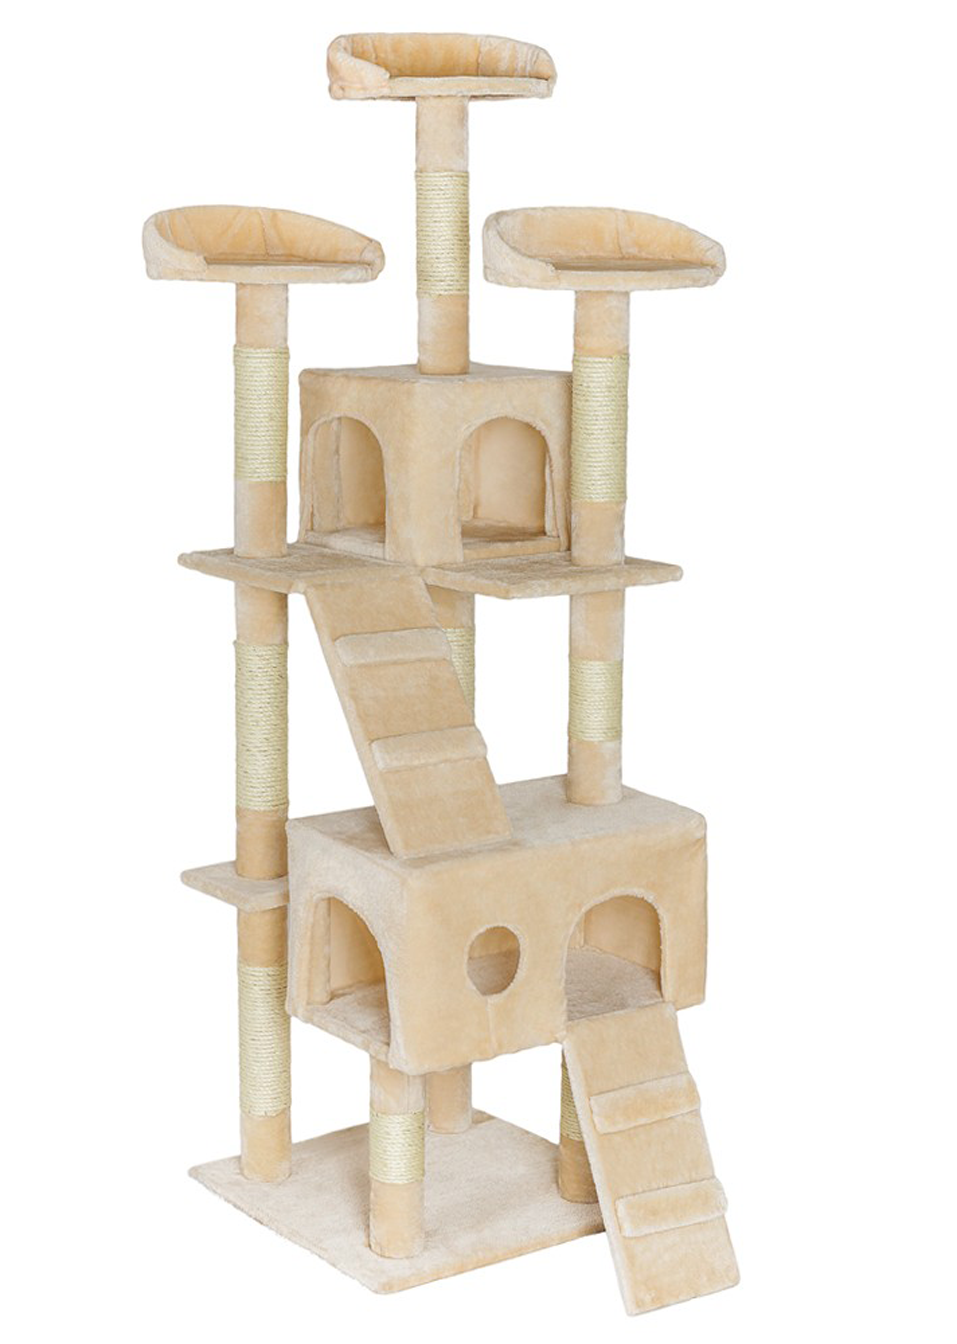 kratzbaum royal beige dietschys gmbh. Black Bedroom Furniture Sets. Home Design Ideas